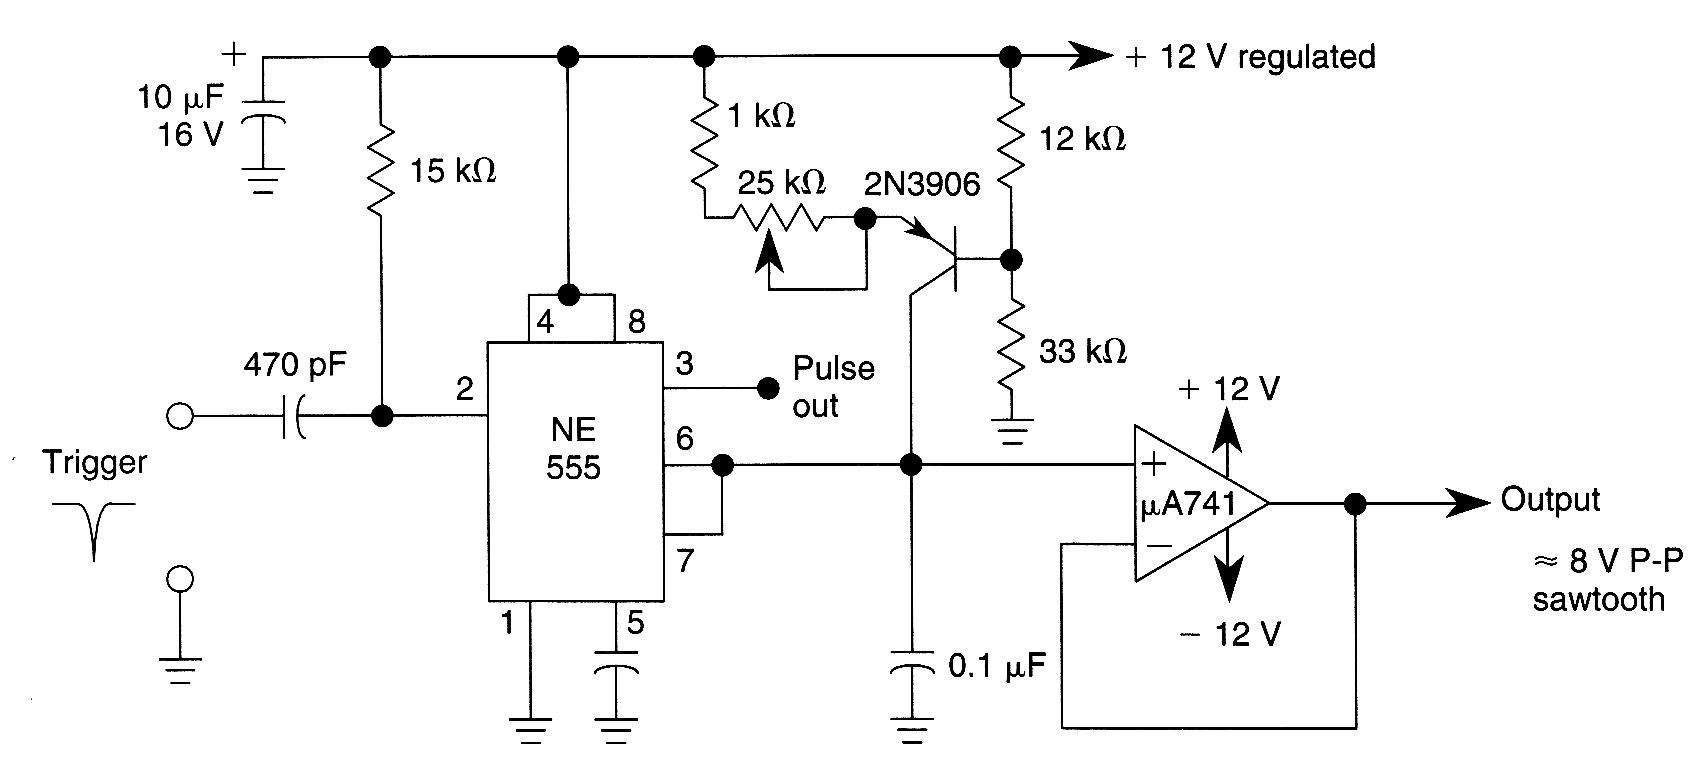 sawtooth wave generator circuit signalprocessing circuit